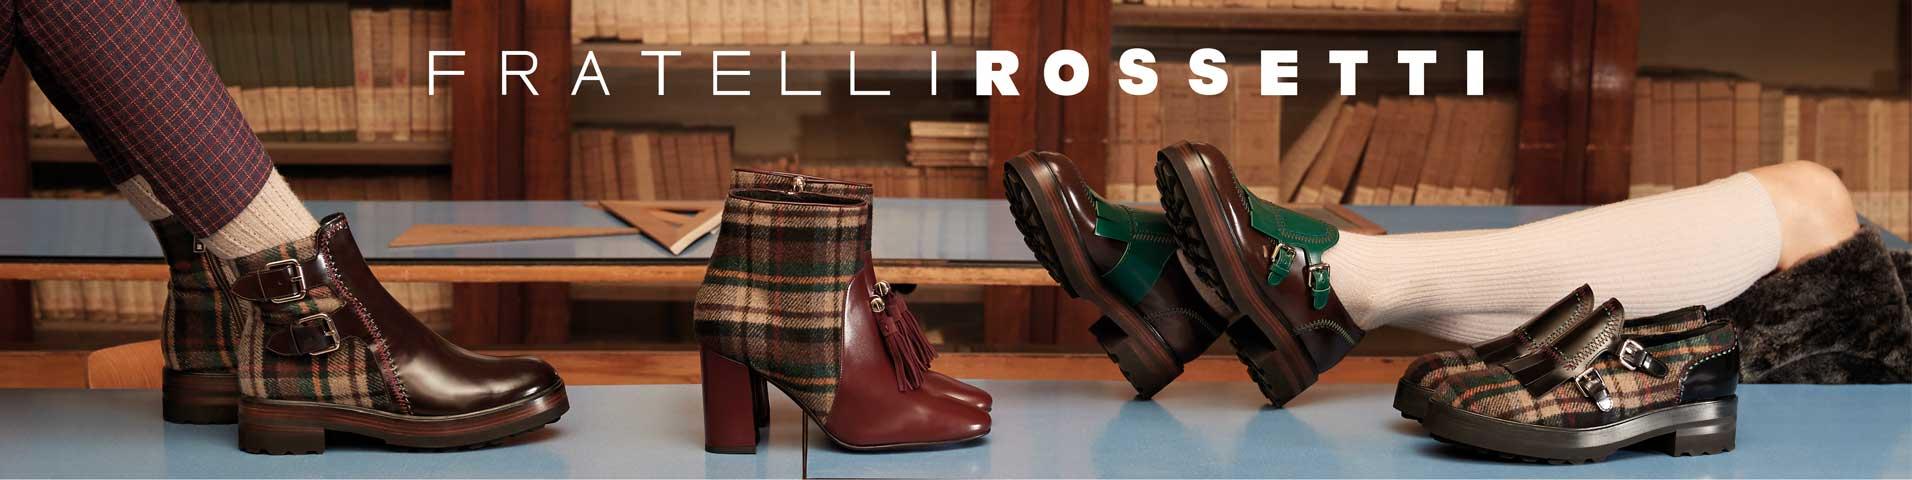 Fratelli Rossetti   La nuova collezione online su Zalando